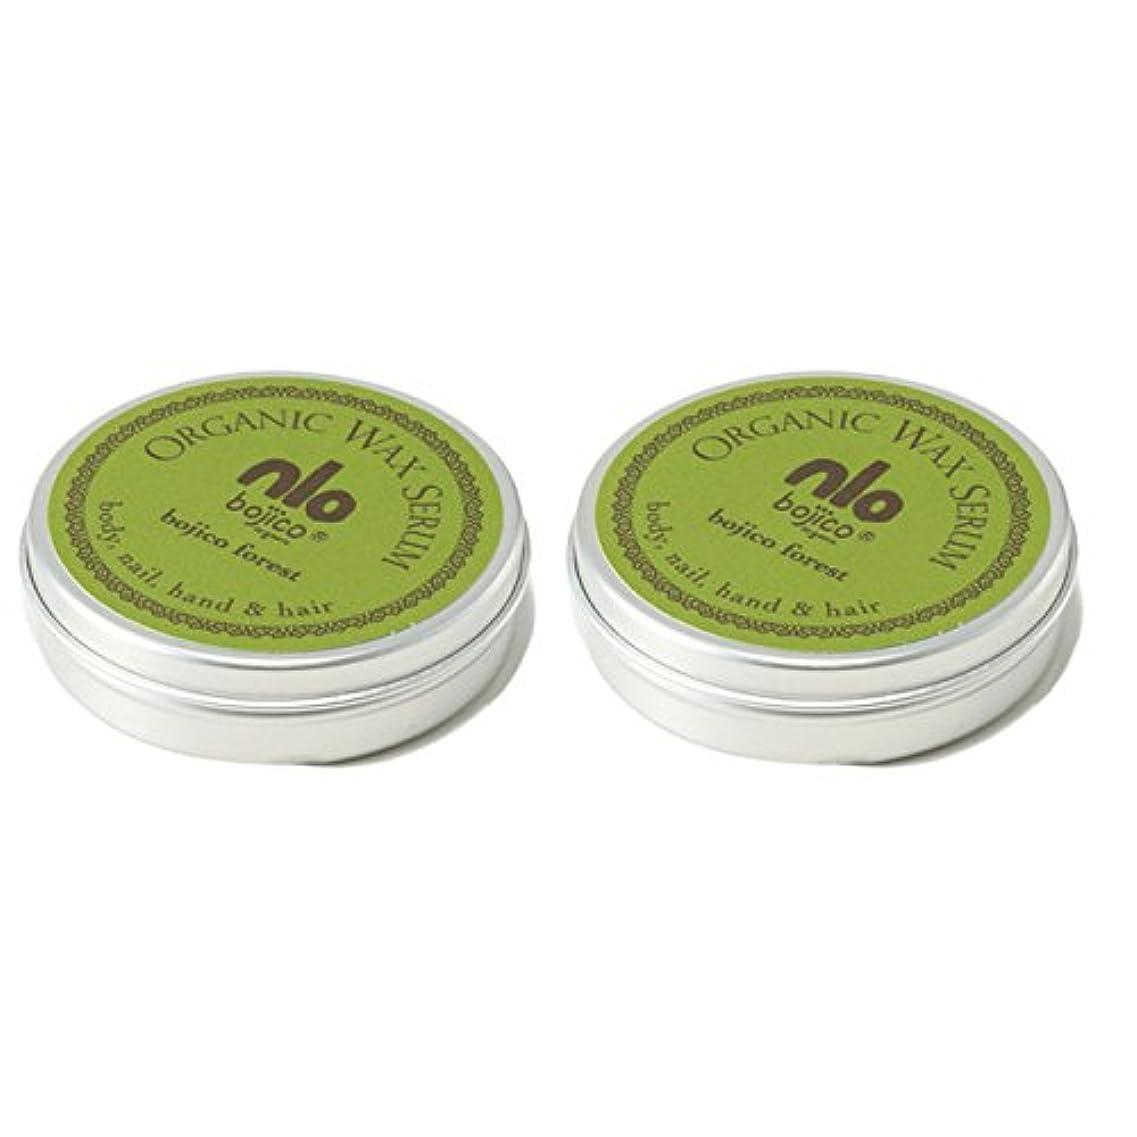 肥満グラフィックシンジケート【40g×2個セット】 ボジコ オーガニック ワックス セラム <フォレスト> bojico Organic Wax Serum 40g×2